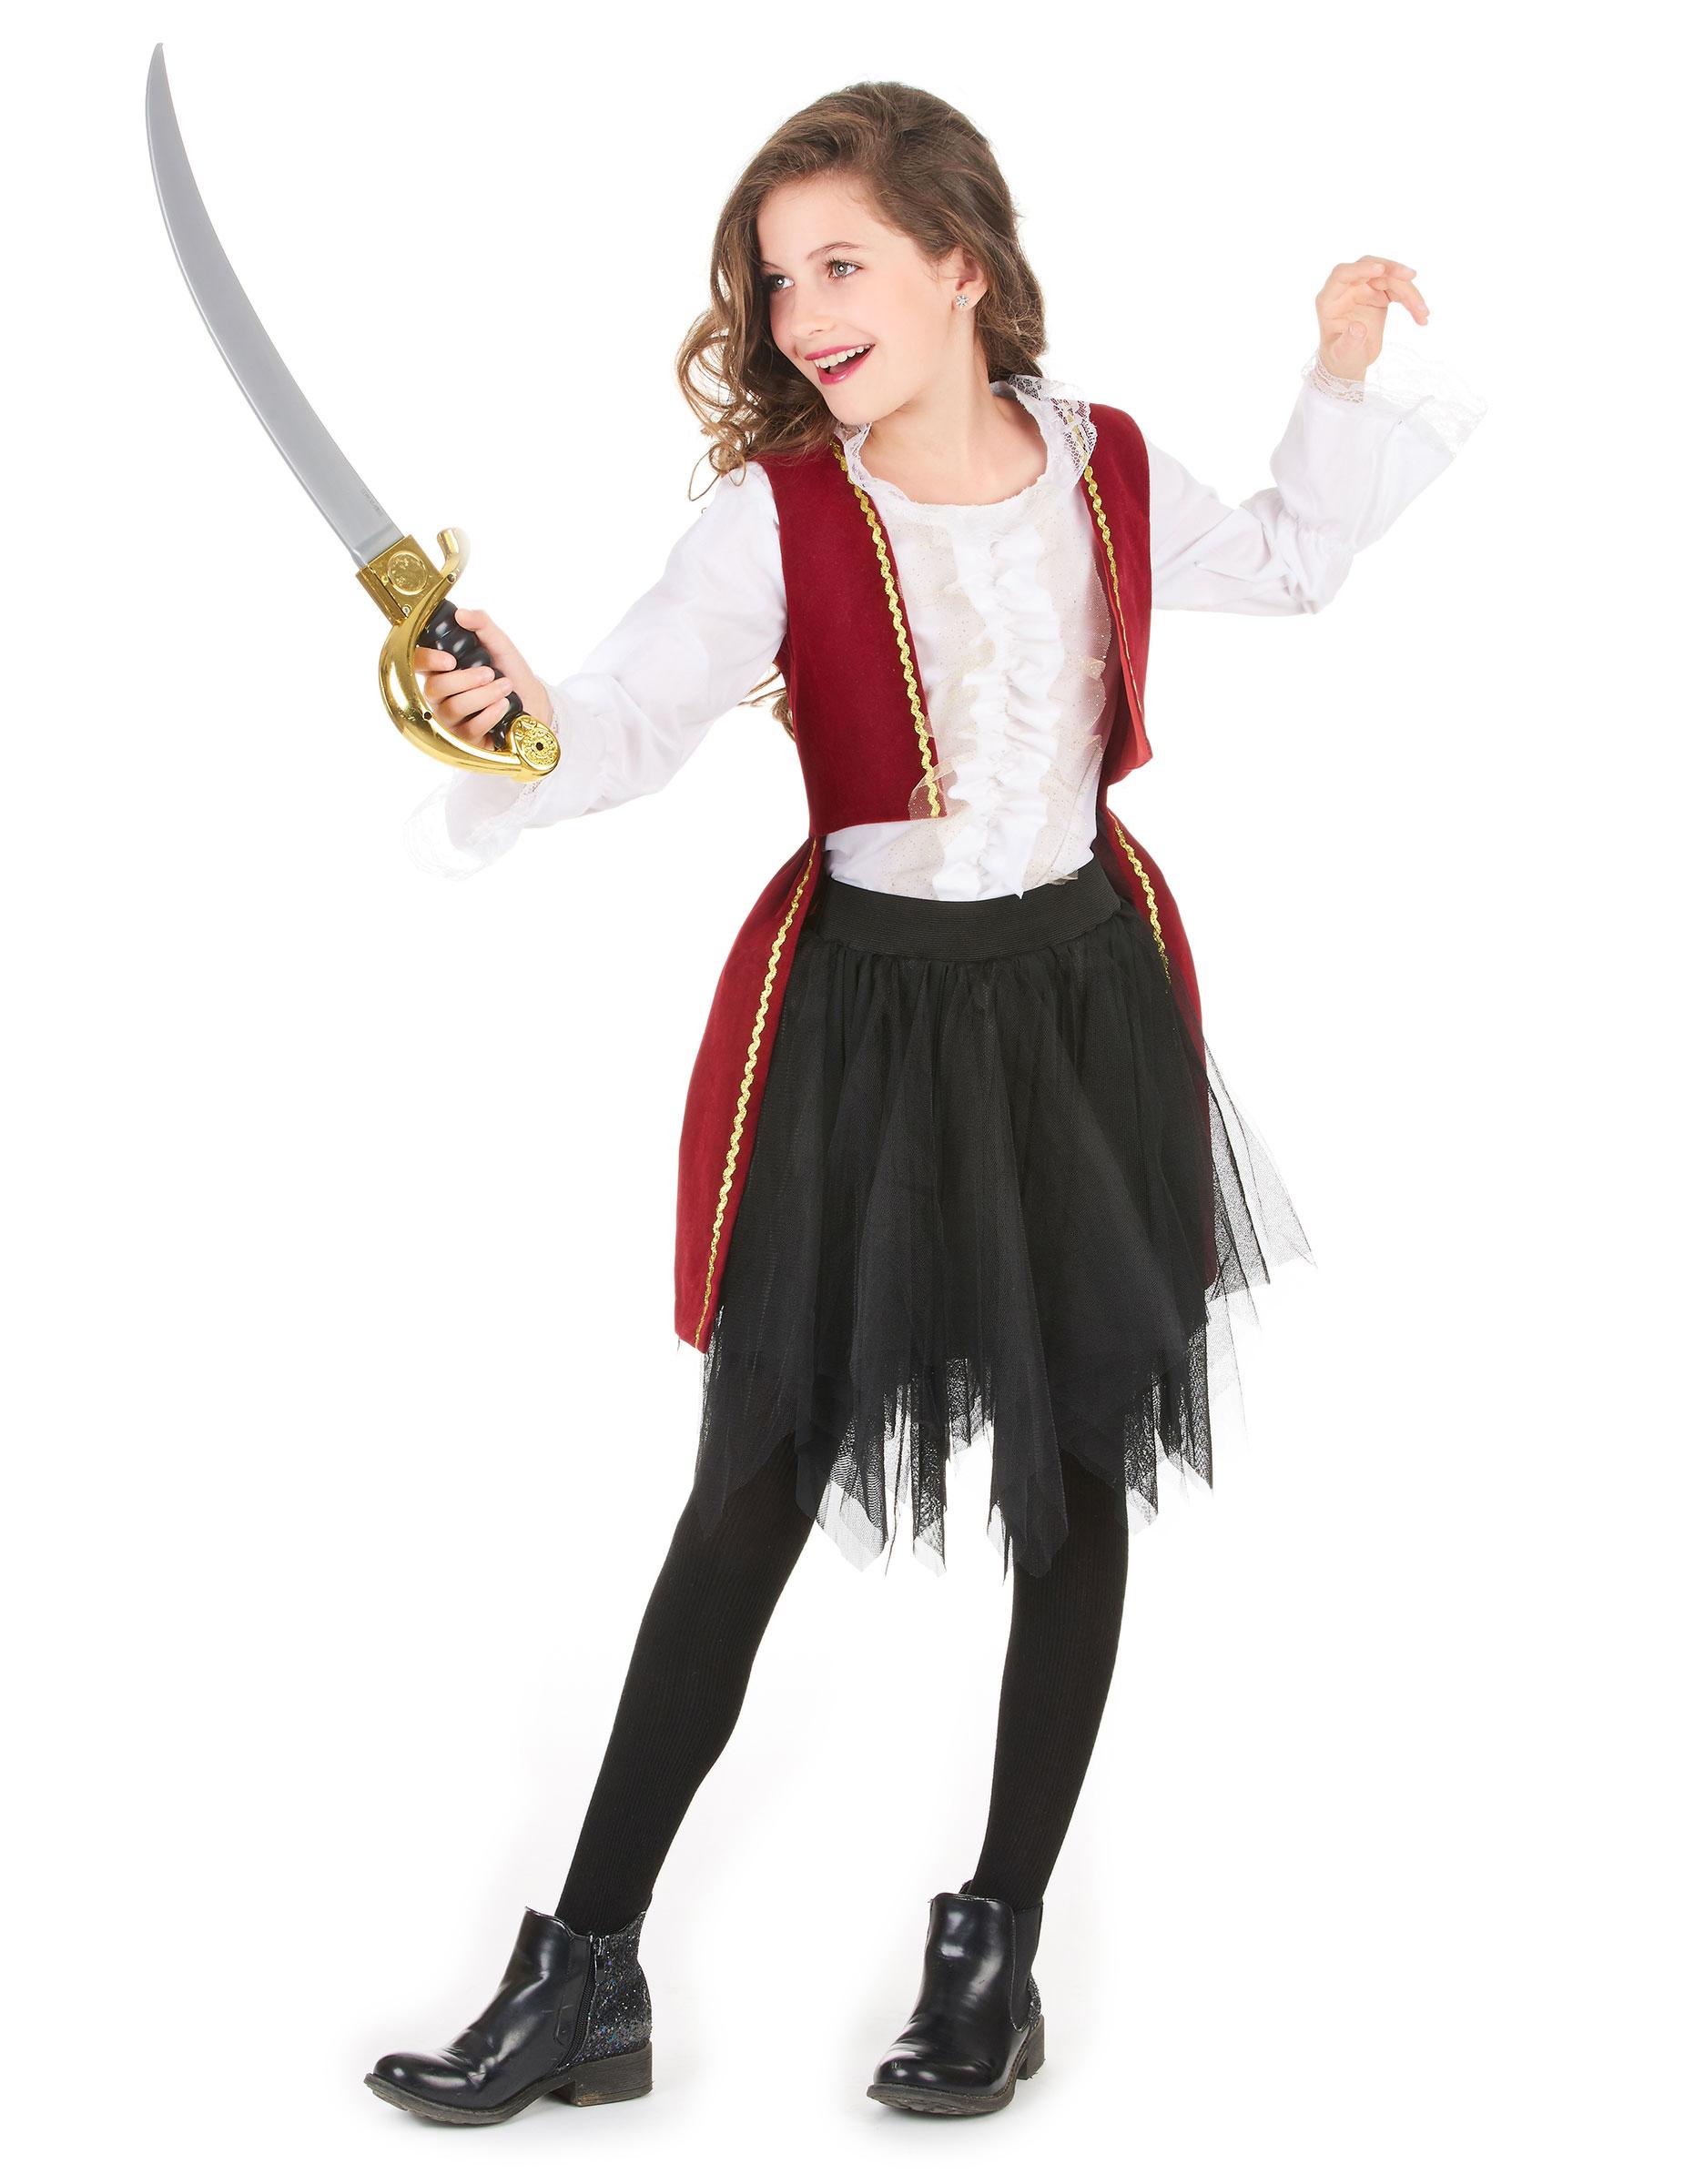 Molto Costumi bambini Carnevale tradizionale, travestimenti economici  QK79